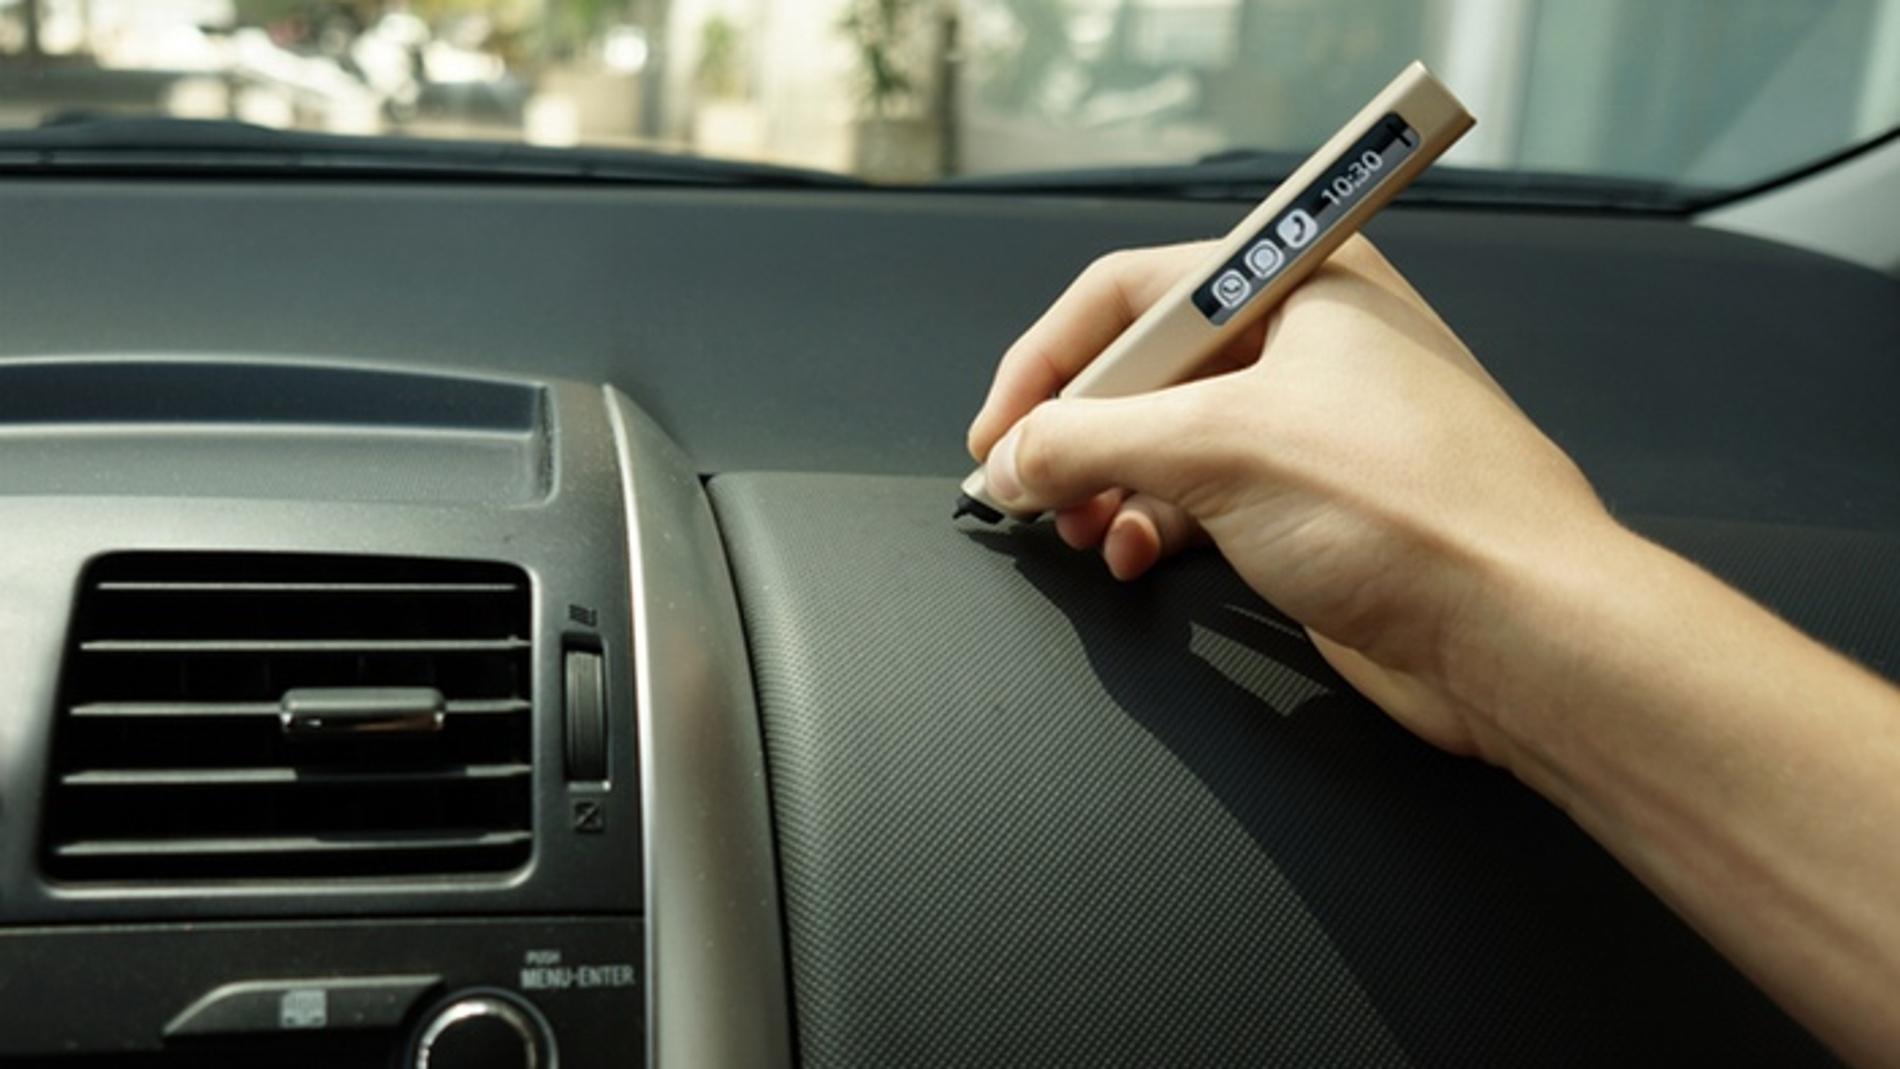 Puedes escribir sin problema en la guantera del coche